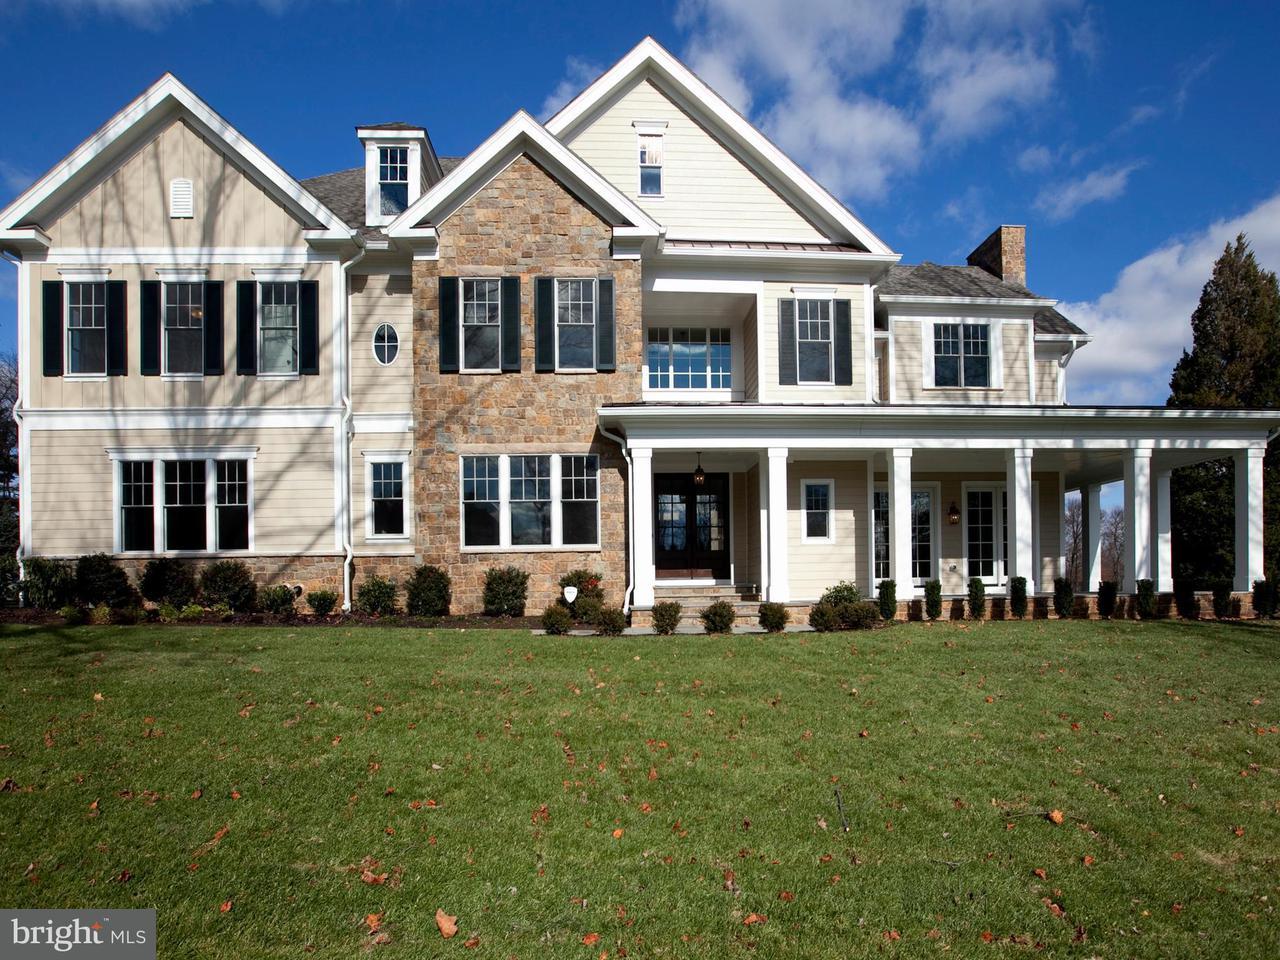 独户住宅 为 销售 在 15314 Leondina Drive 15314 Leondina Drive Glenwood, 马里兰州 21738 美国